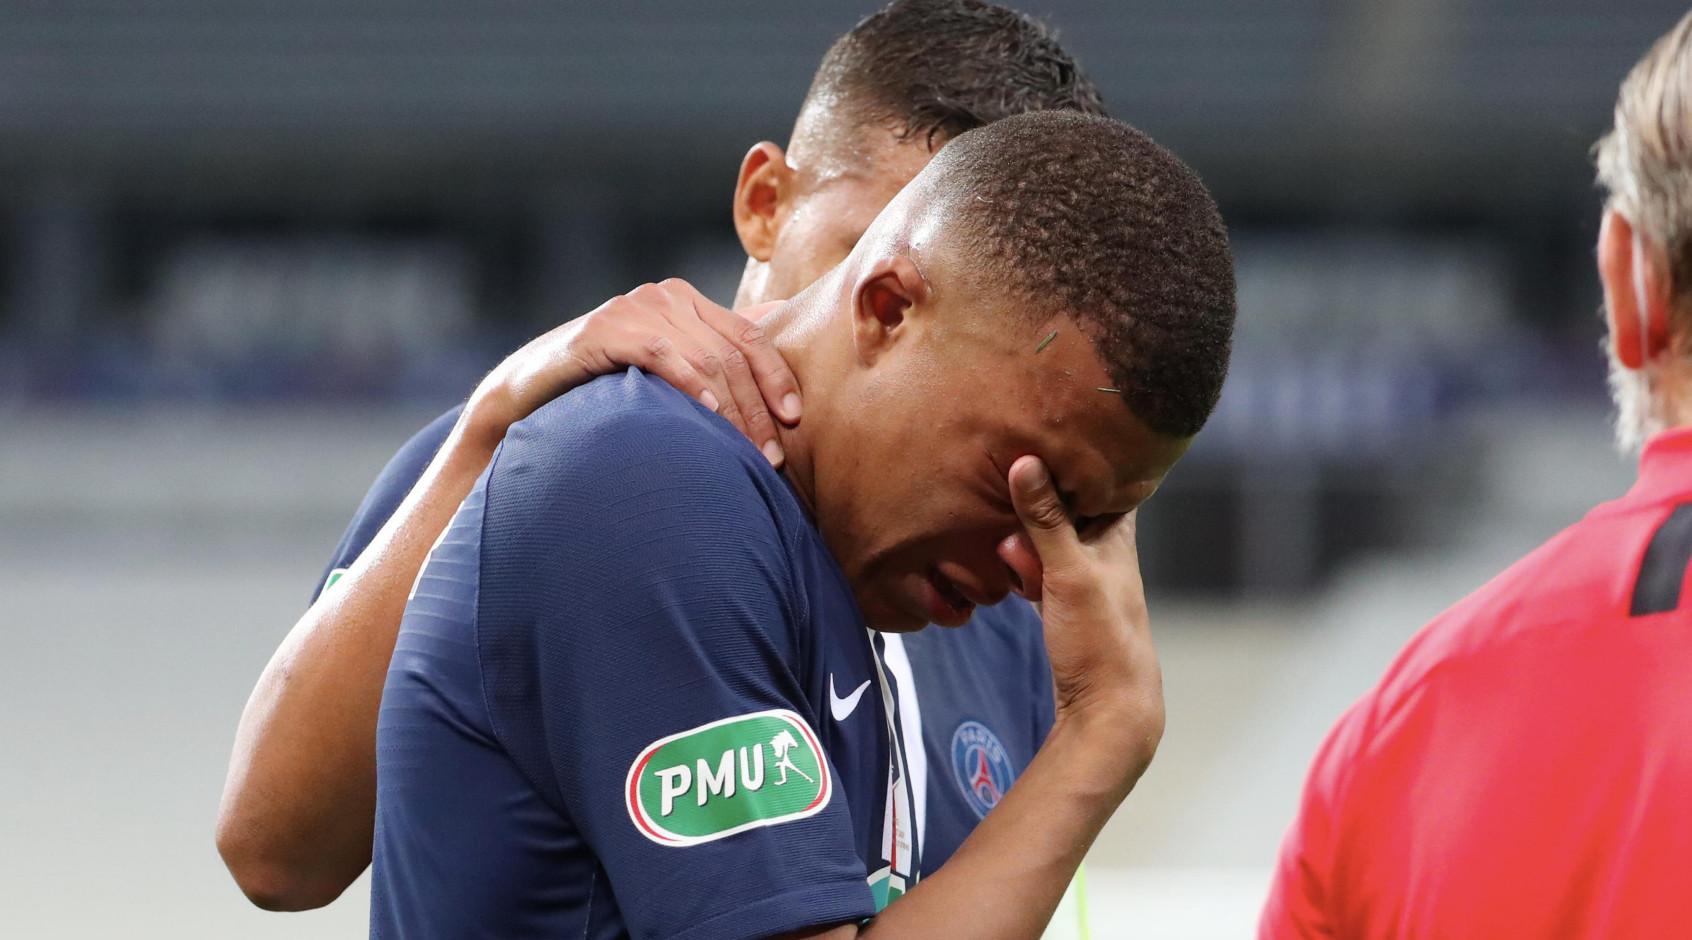 Кильян Мбаппе продлил свою неудачную серию в Лиге чемпионов за ПСЖ